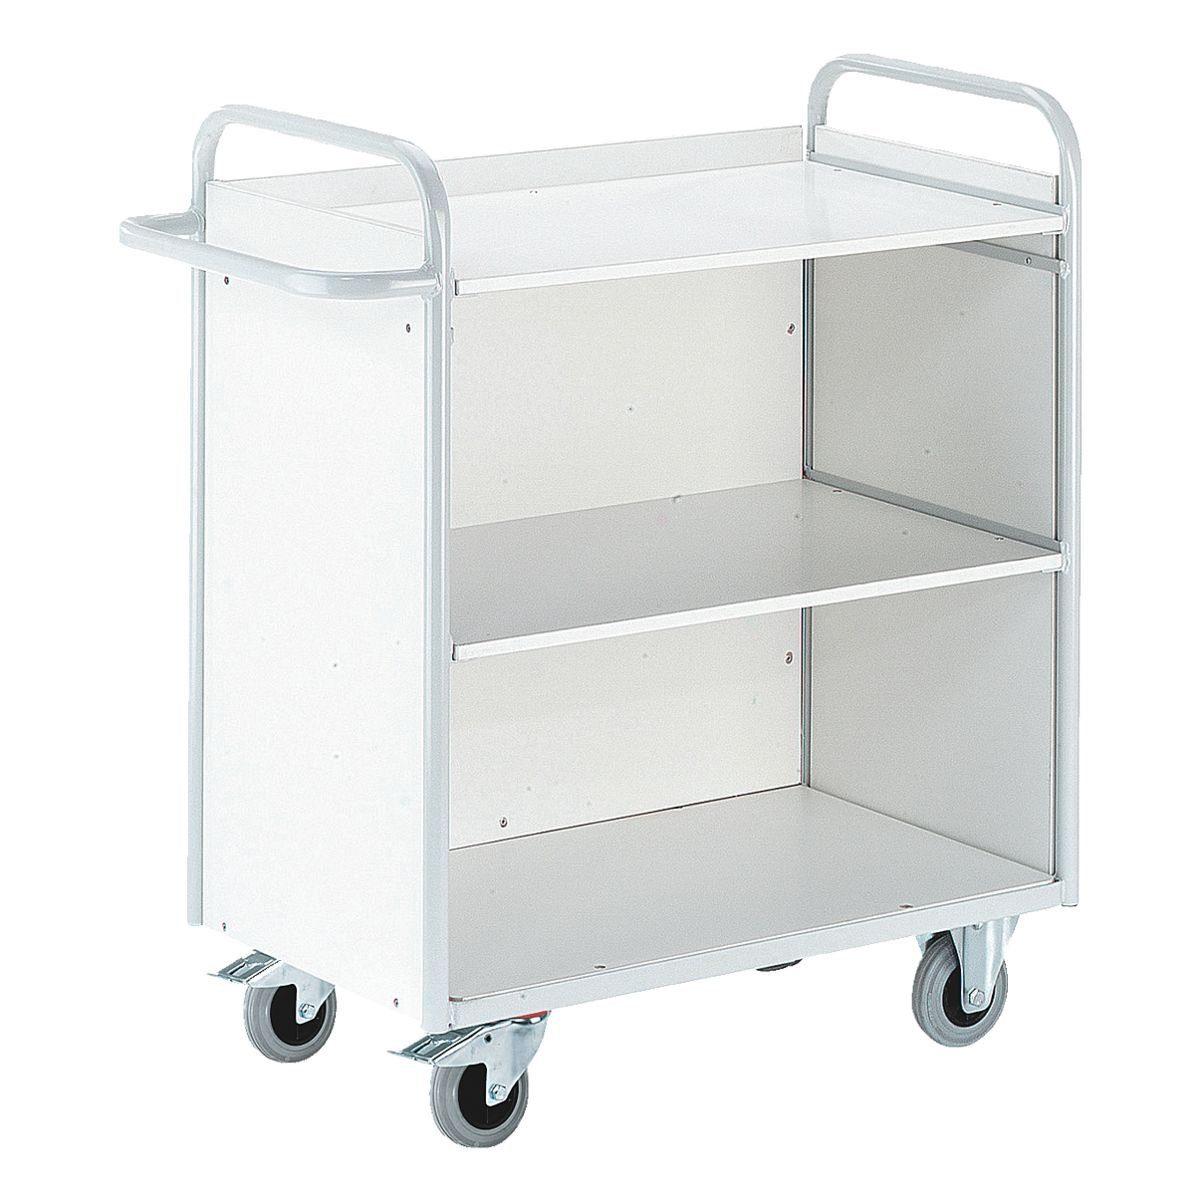 ROLLCART Bürowagen mit 3 Wänden